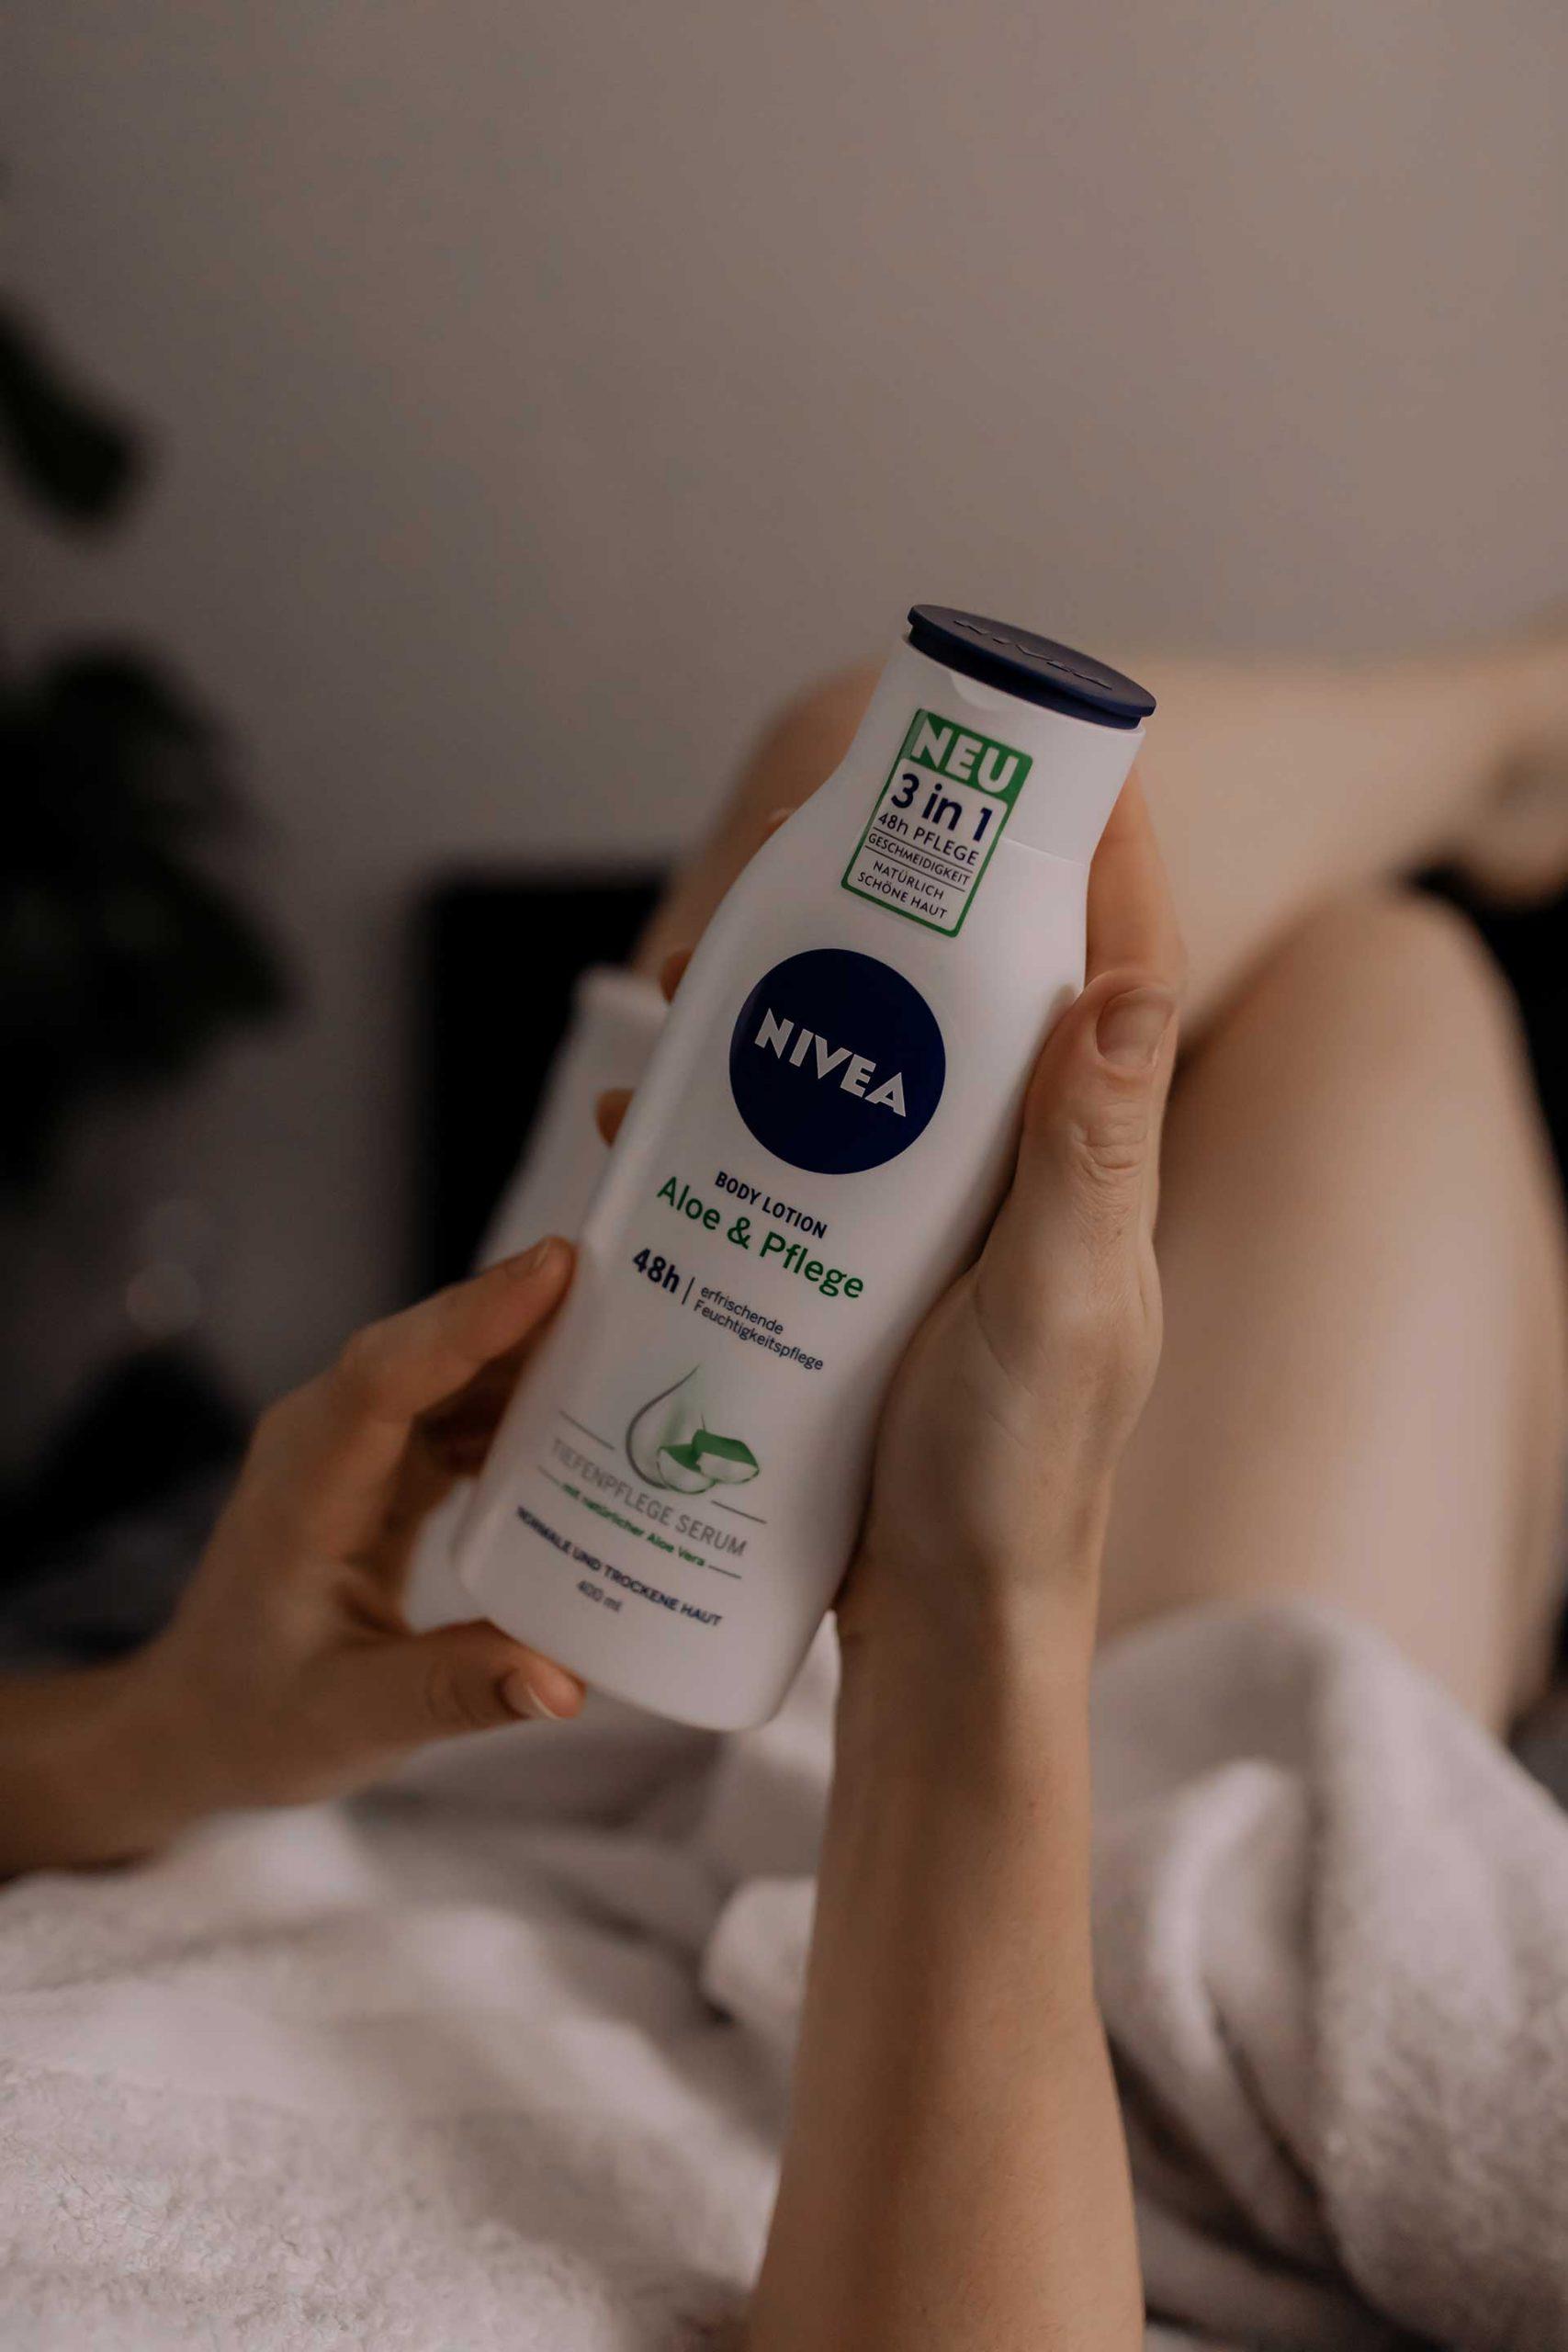 Anzeige. Ich habe neue Beauty-Tipps am Blog für dich gesammelt und stelle dir meine Winter-Hautpflege mit Aloe Vera vor. Weißt du schon, warum Aloe Vera ein echtes Wundermittel ist? www.whoismocca.com #hautpflege #beautytipps #aloevera #beautyblogger